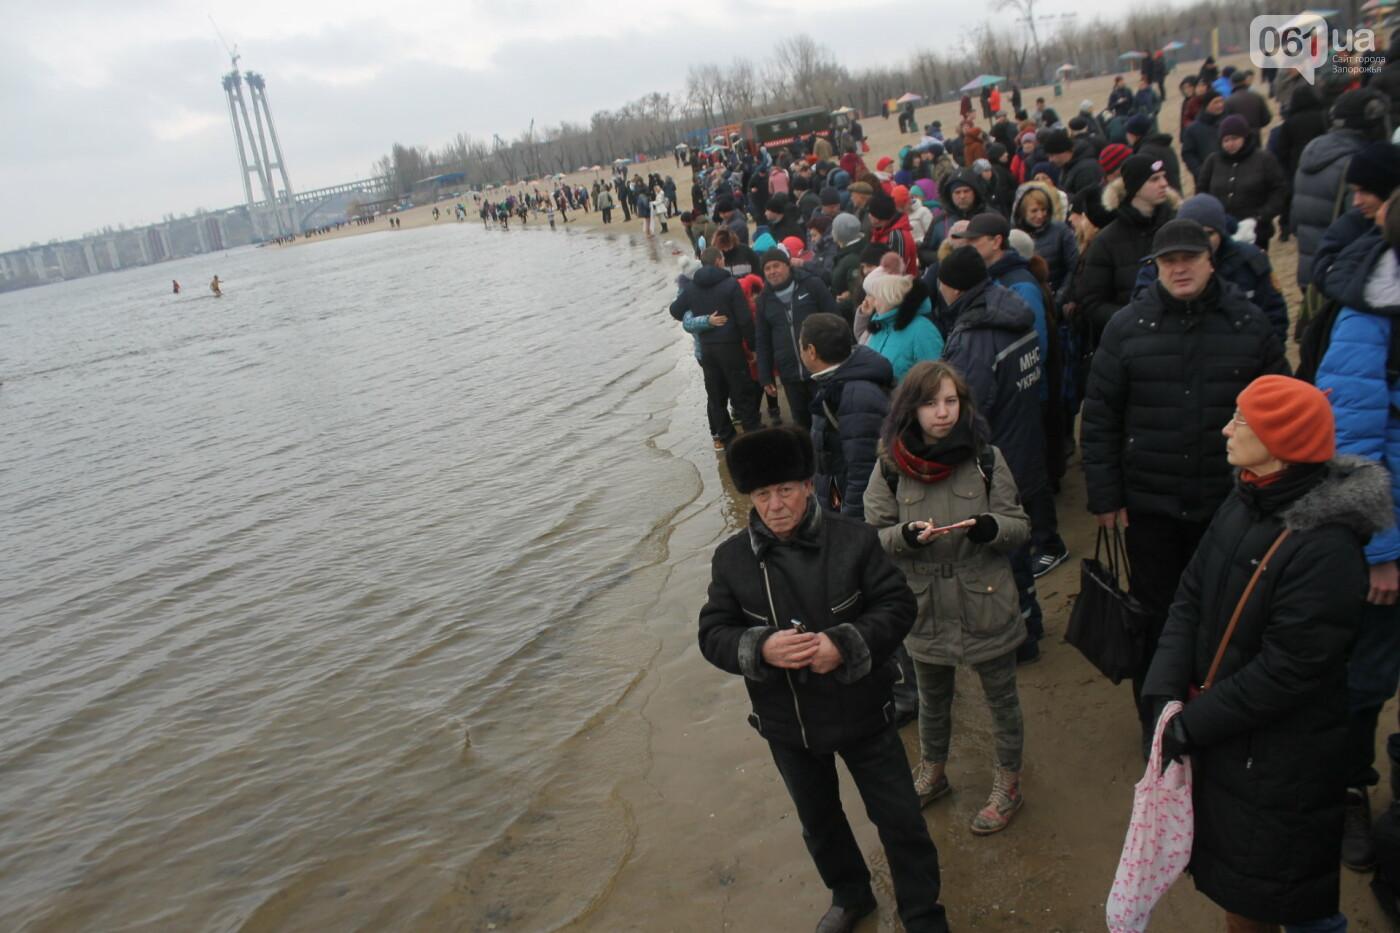 Как в Запорожье массово отметили Крещение на Центральном пляже, – ФОТОРЕПОРТАЖ, фото-1